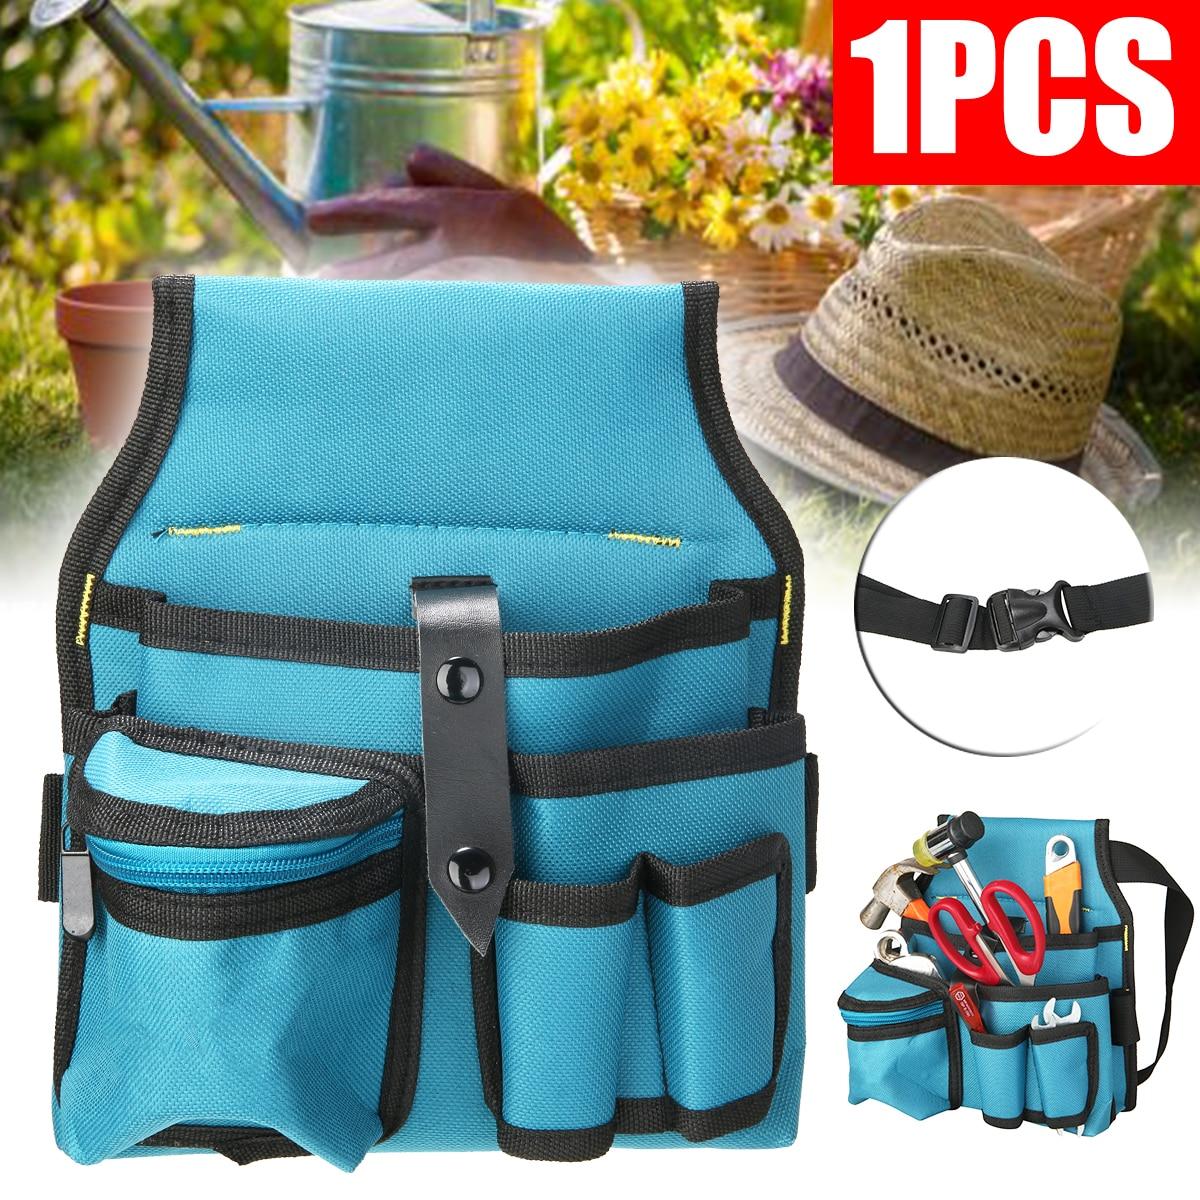 Oxford Tool Bag Belt Waist Pocket Bags Outdoor Waterproof Working Tool Storage Bags Gardening Tool